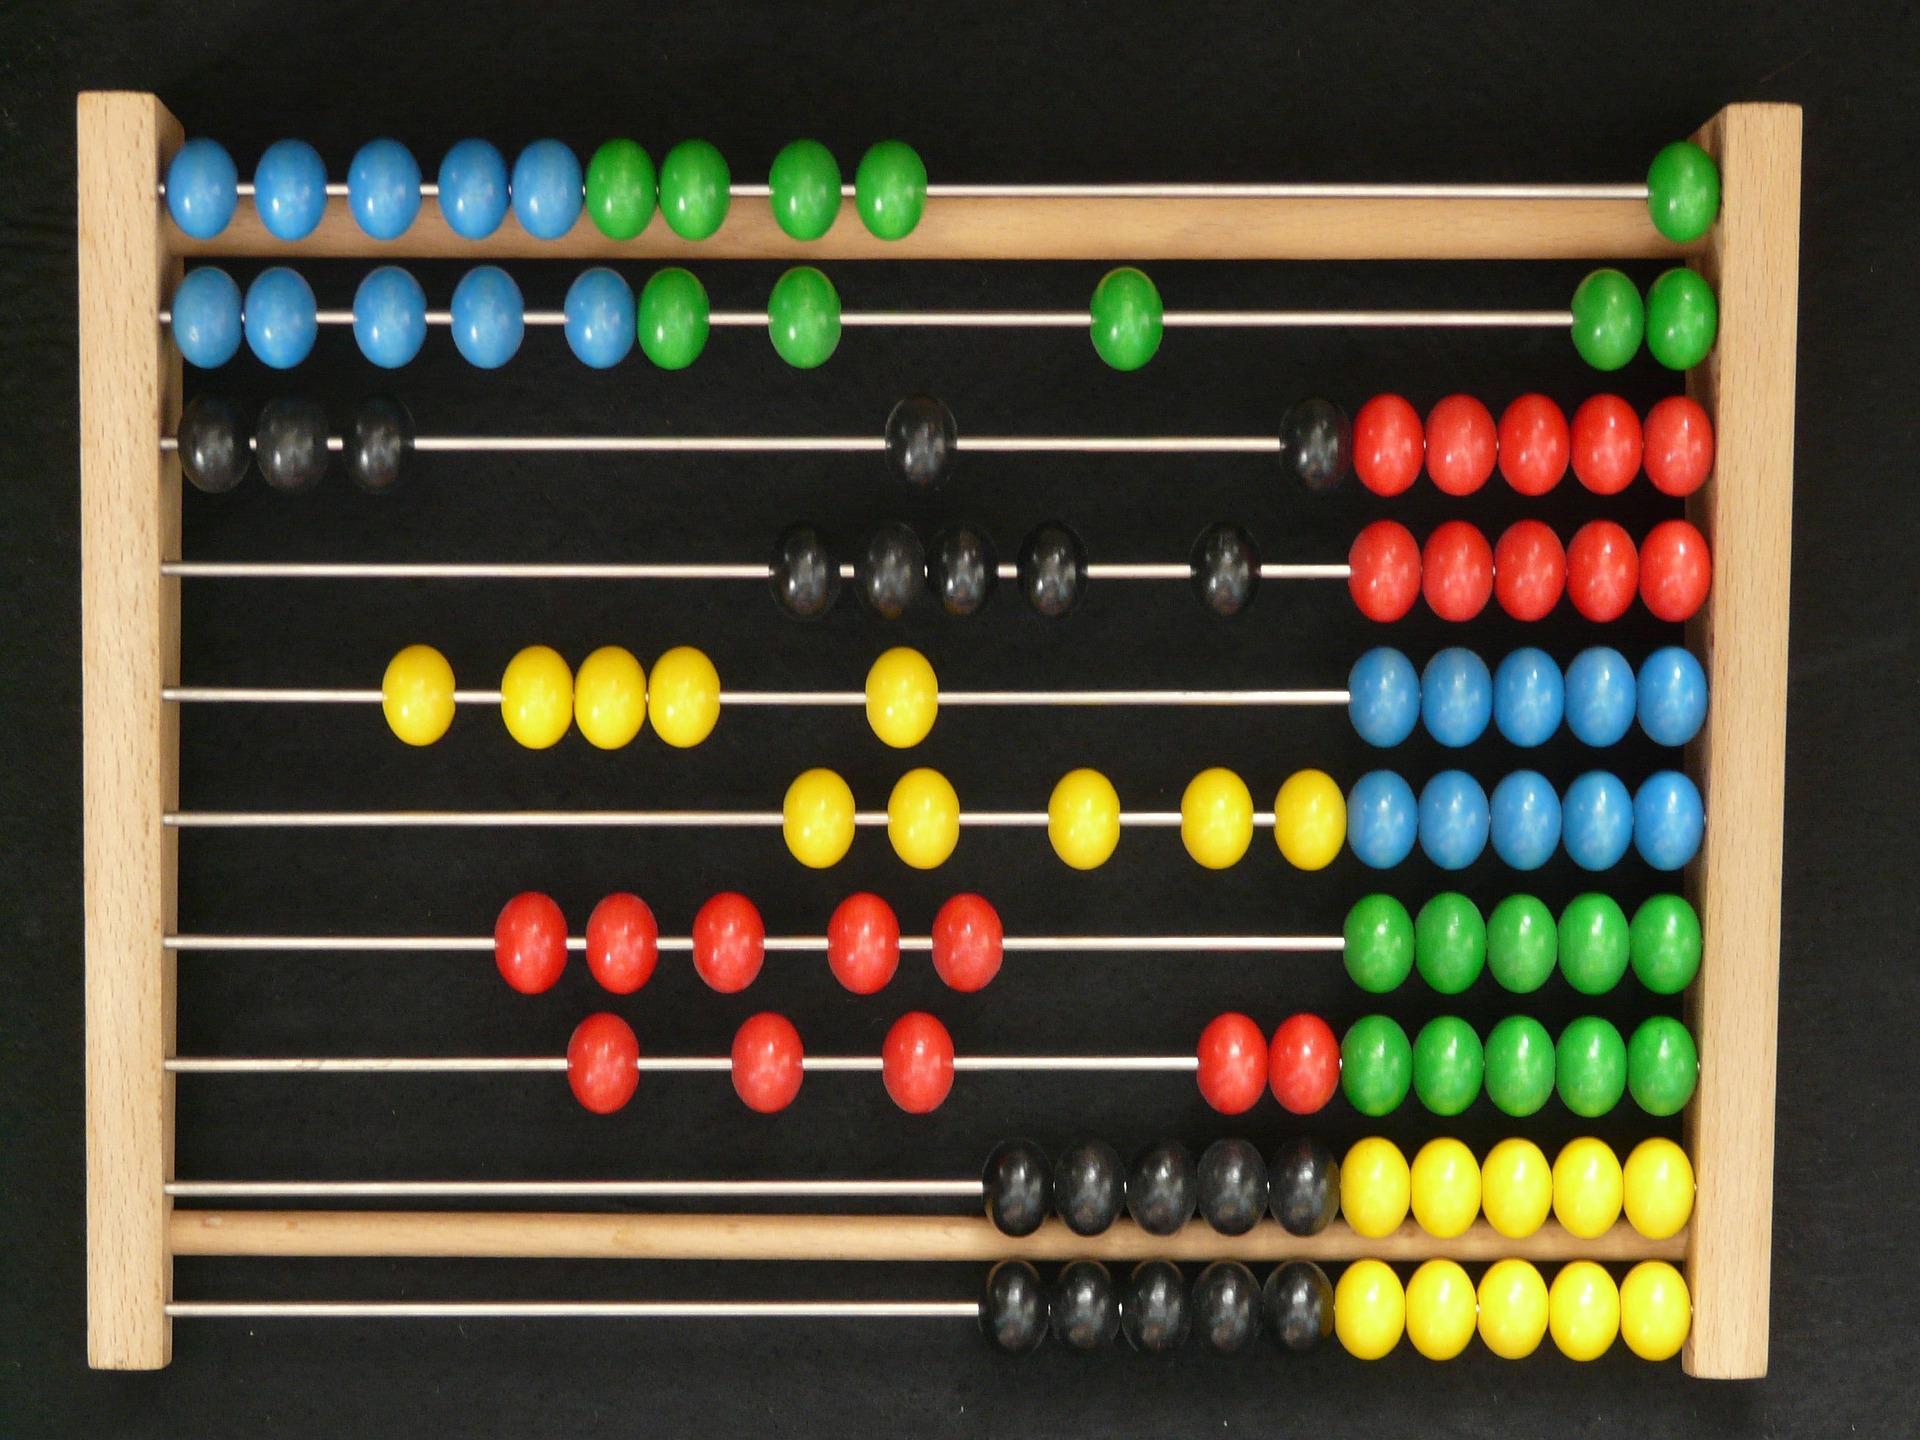 abacus-7935_1920.jpg